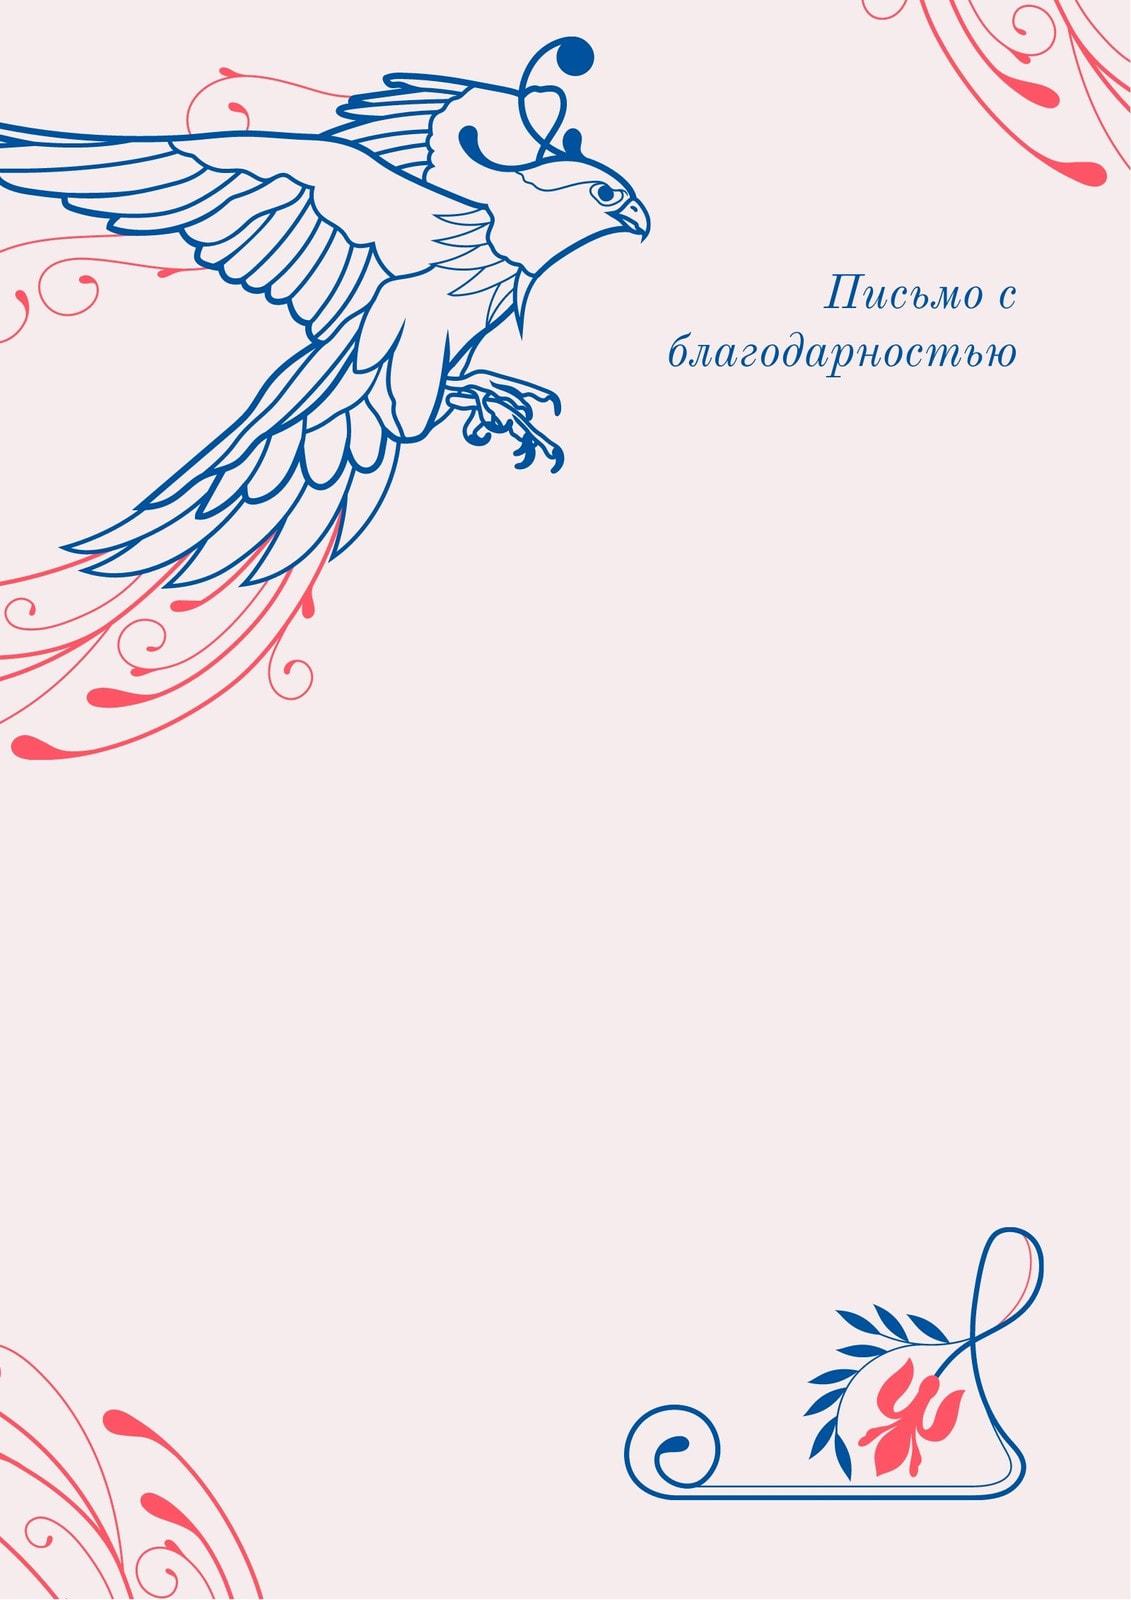 Розовое формальное благодарственное письмо с контурным рисунком птицы